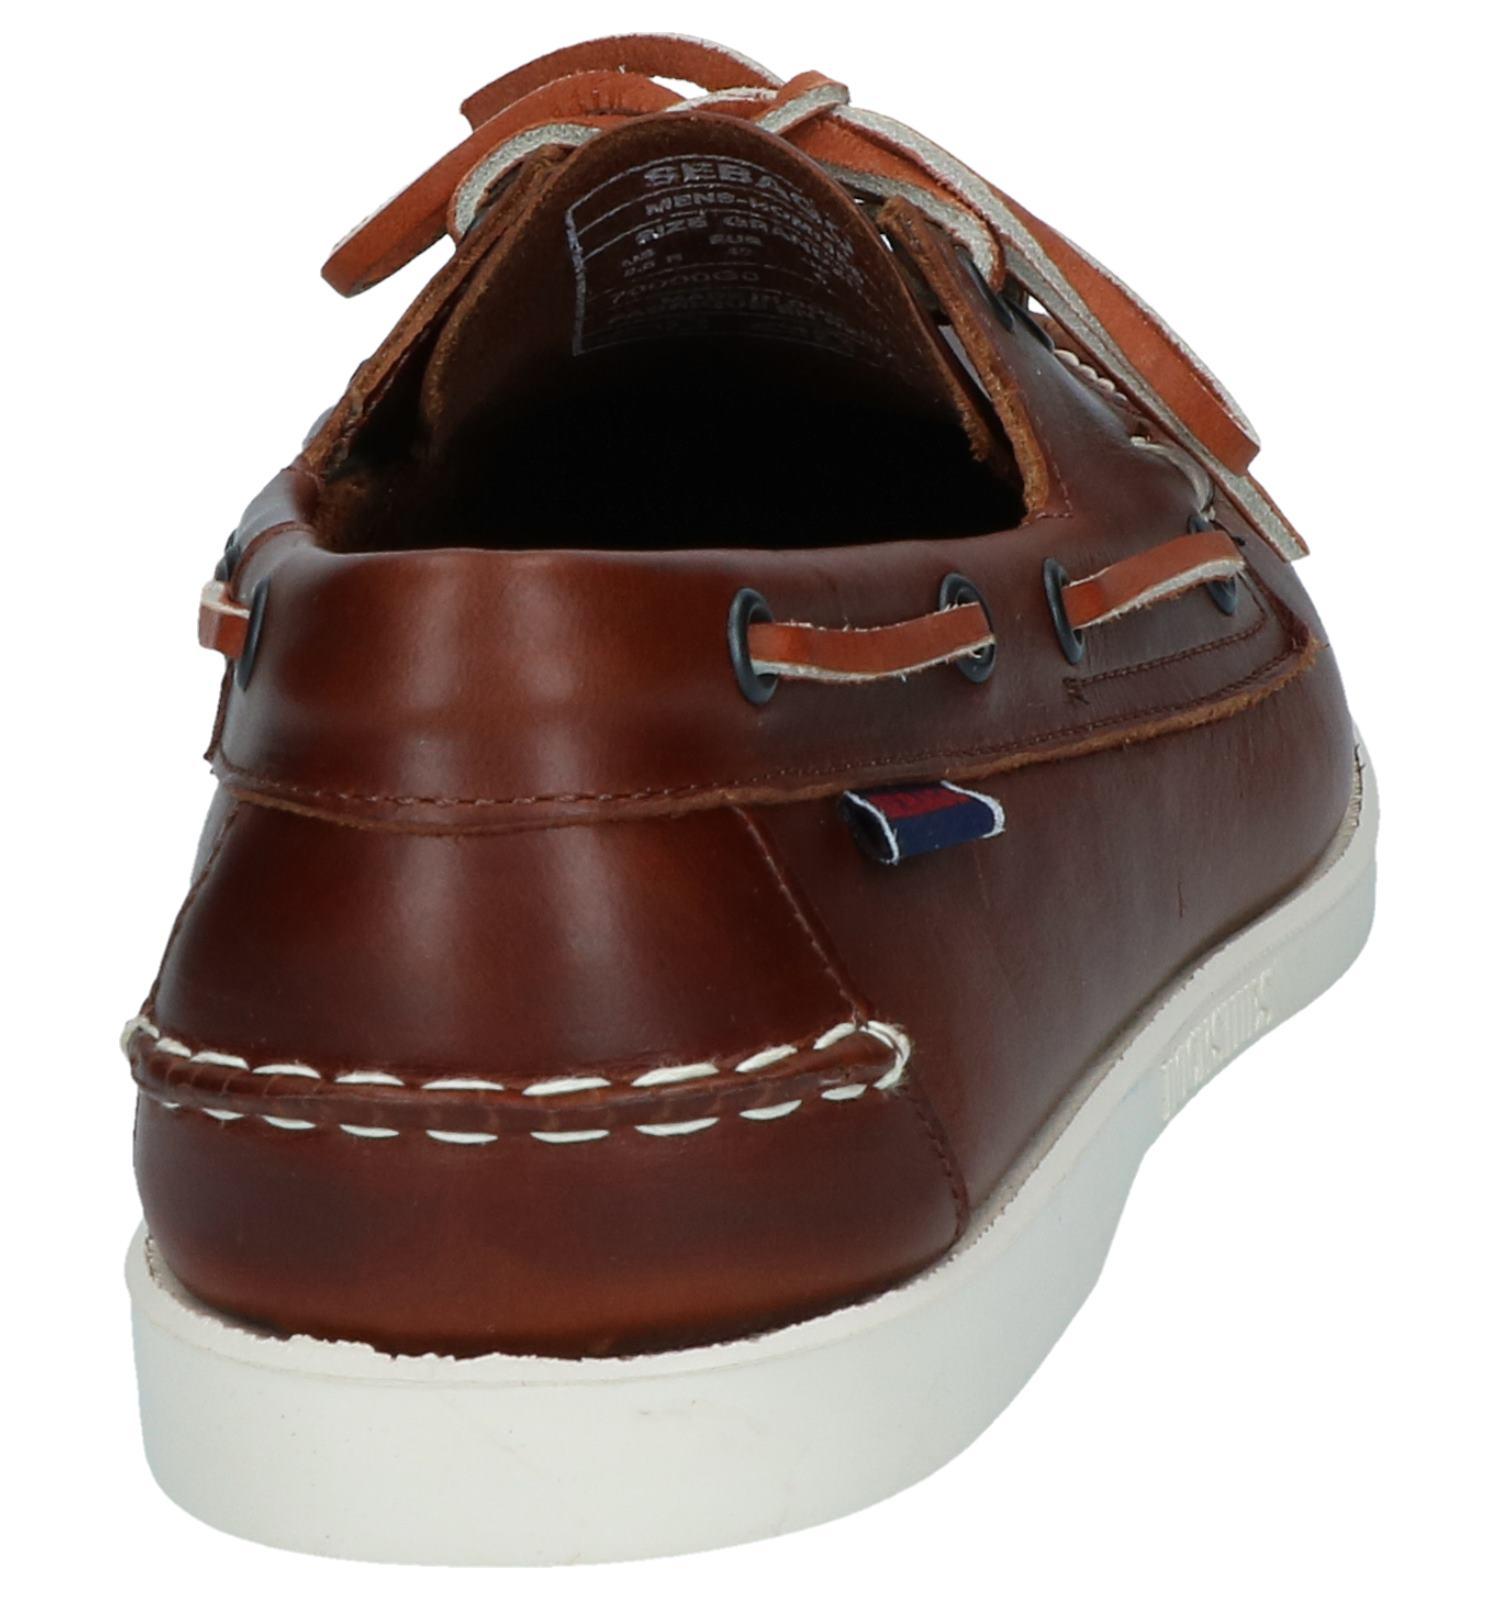 290713666d0 Bruine Bootschoenen Sebago Dockside | TORFS.BE | Gratis verzend en retour